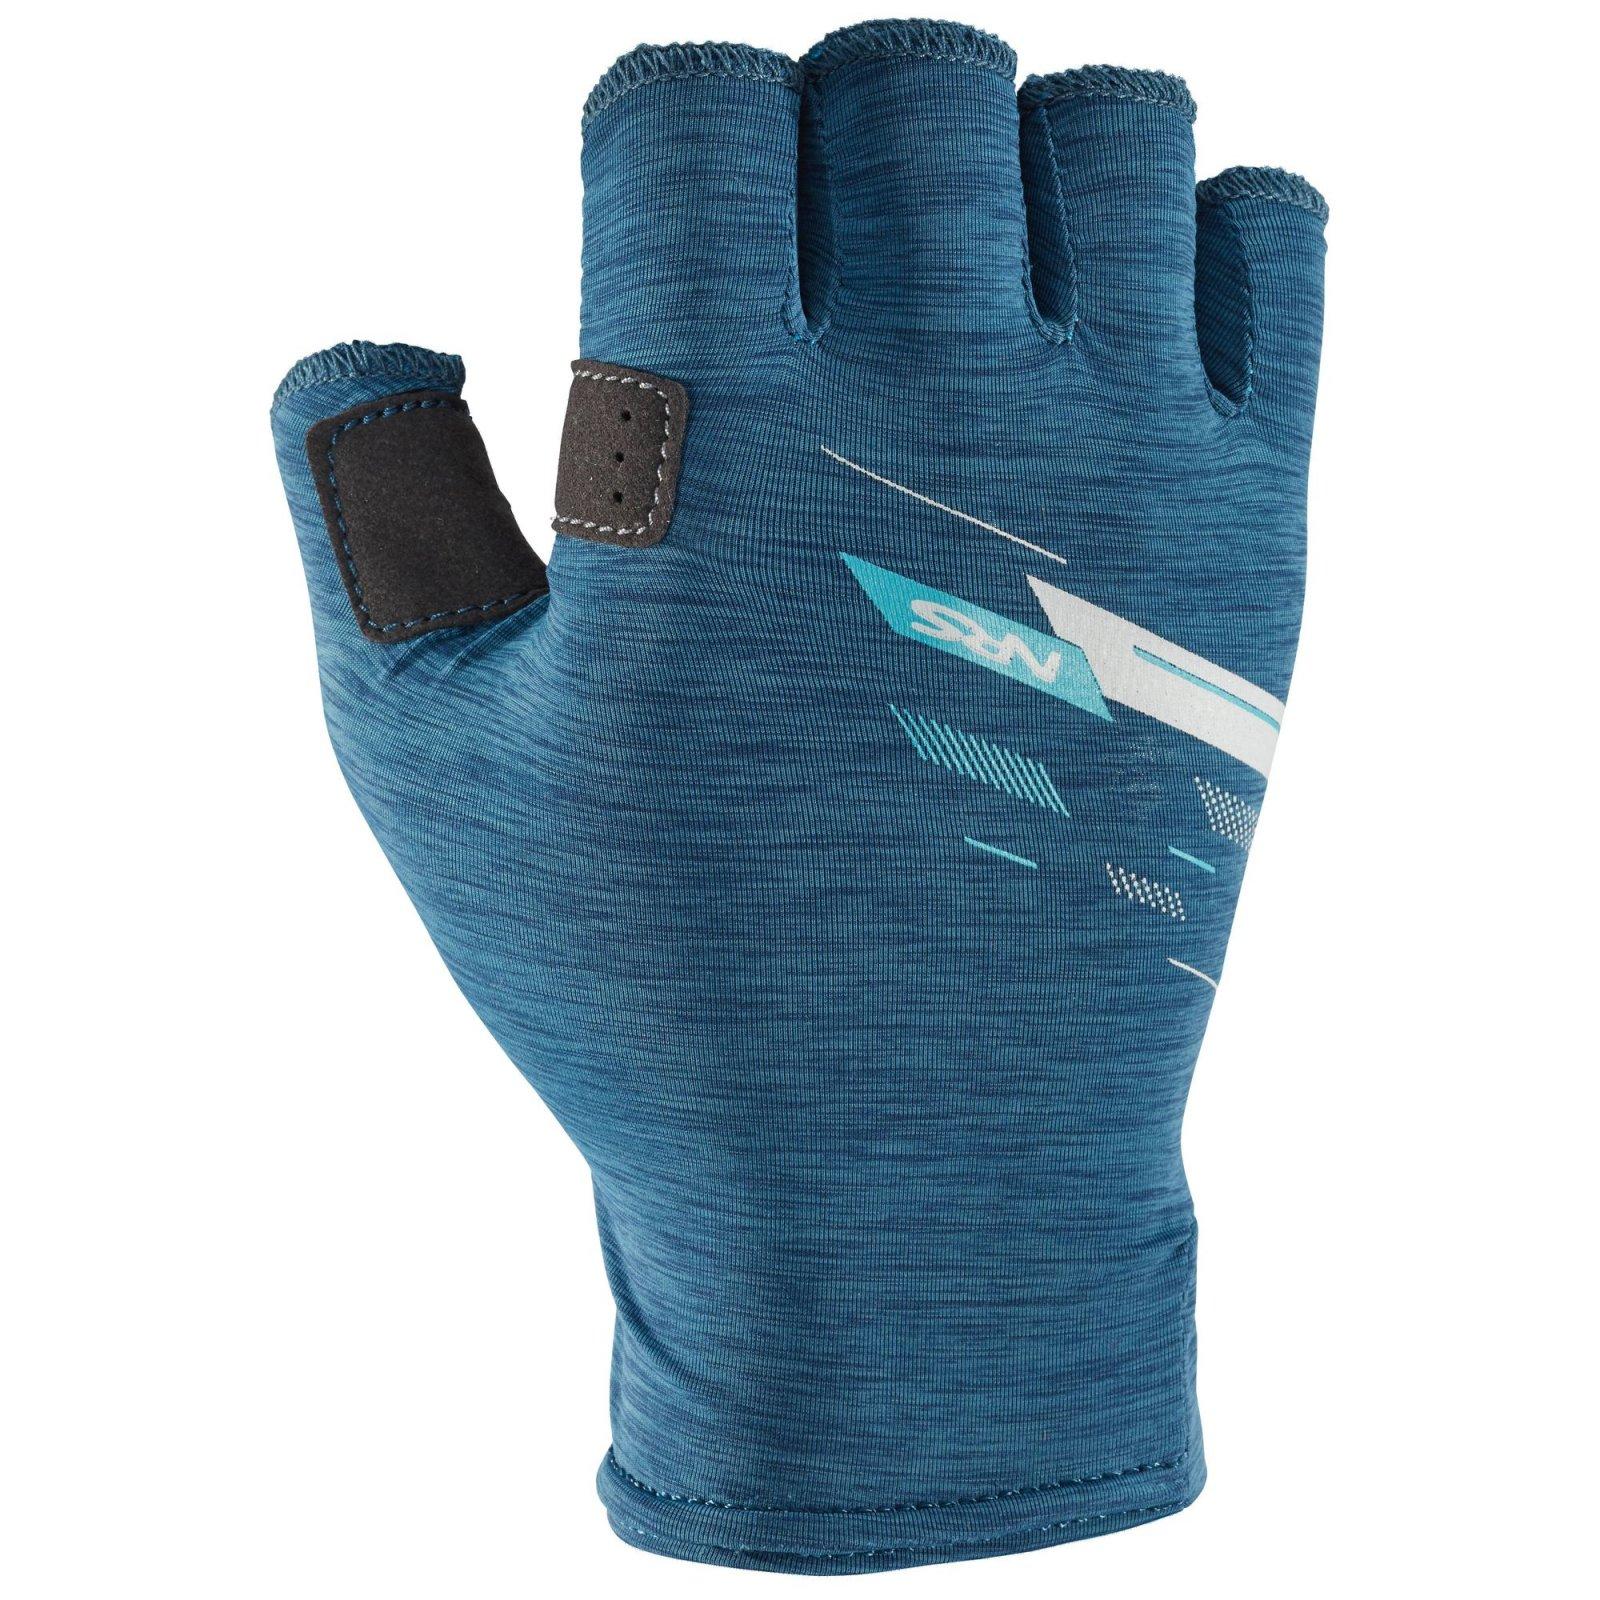 NRS Men's Boater's Gloves 2021